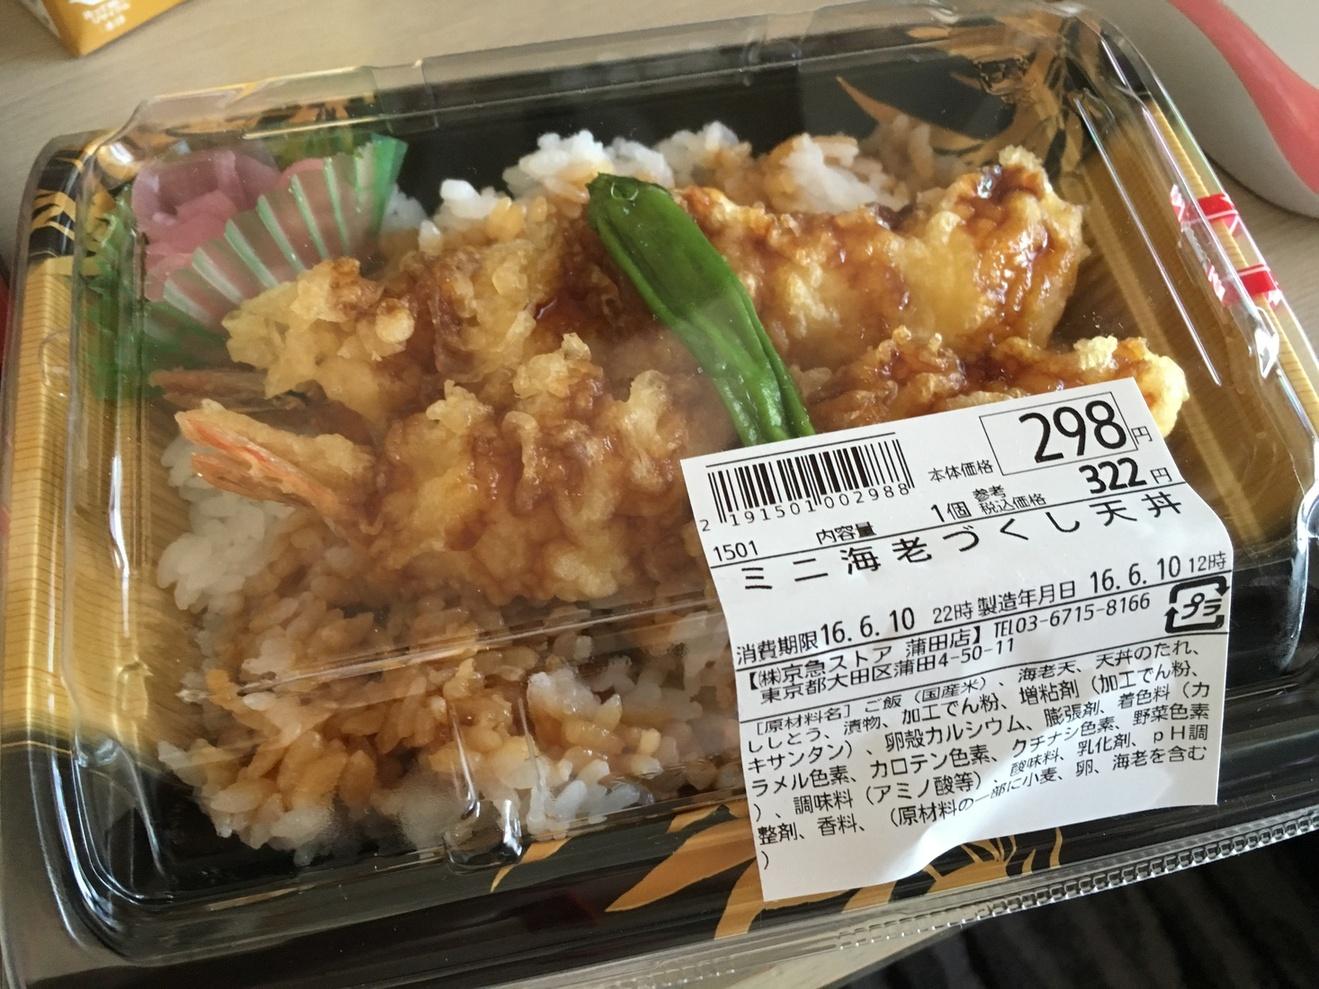 京急ストア 蒲田店